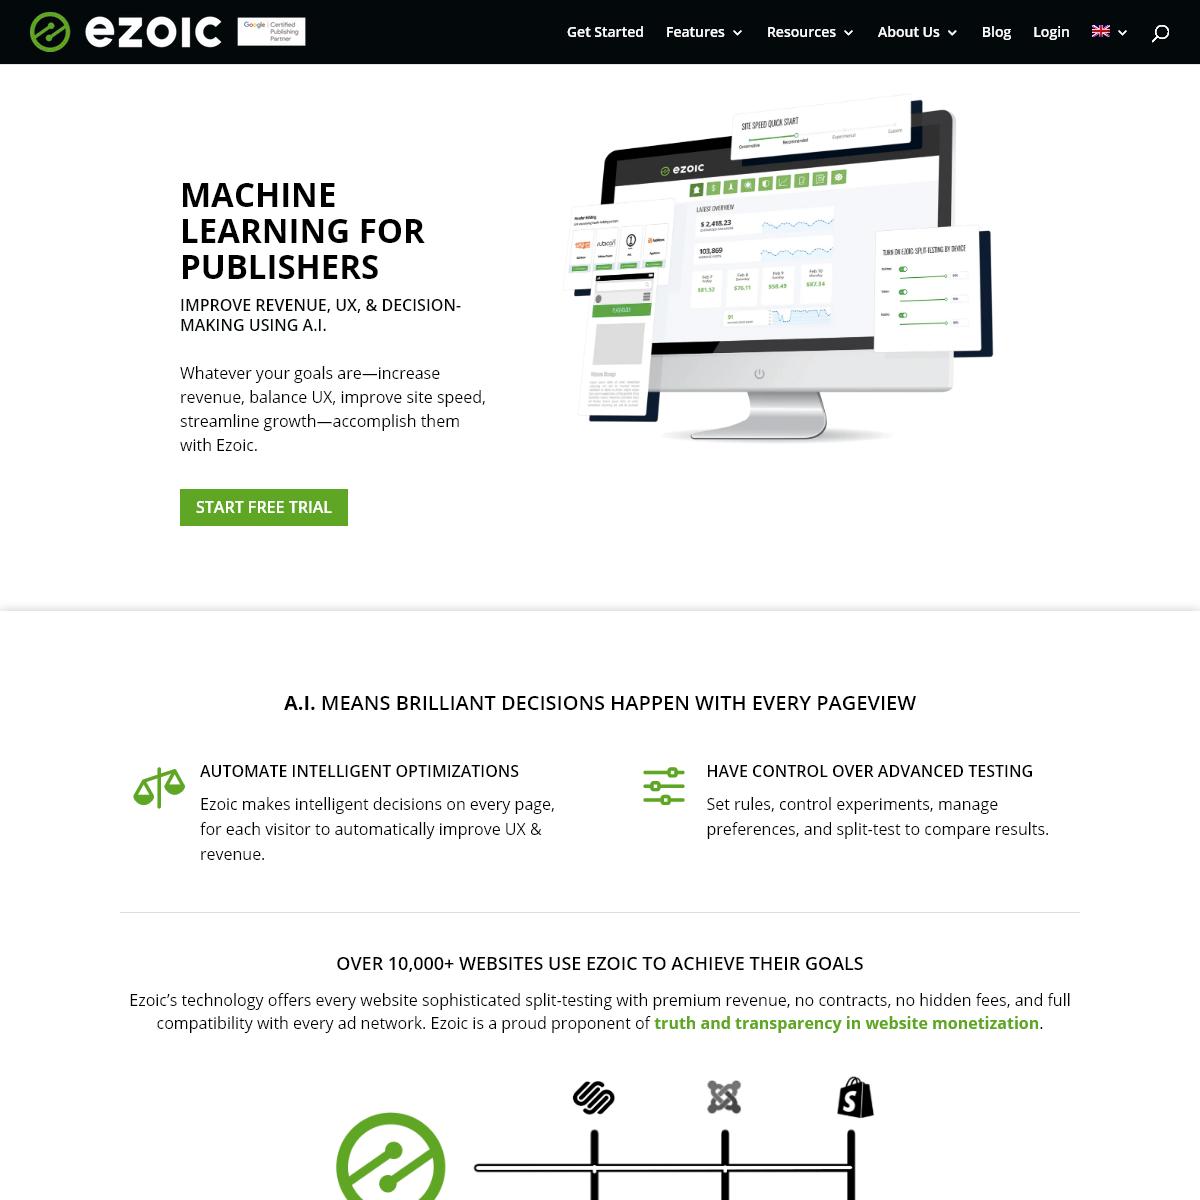 Ezoic - An Intelligent Platform Built For Publishers